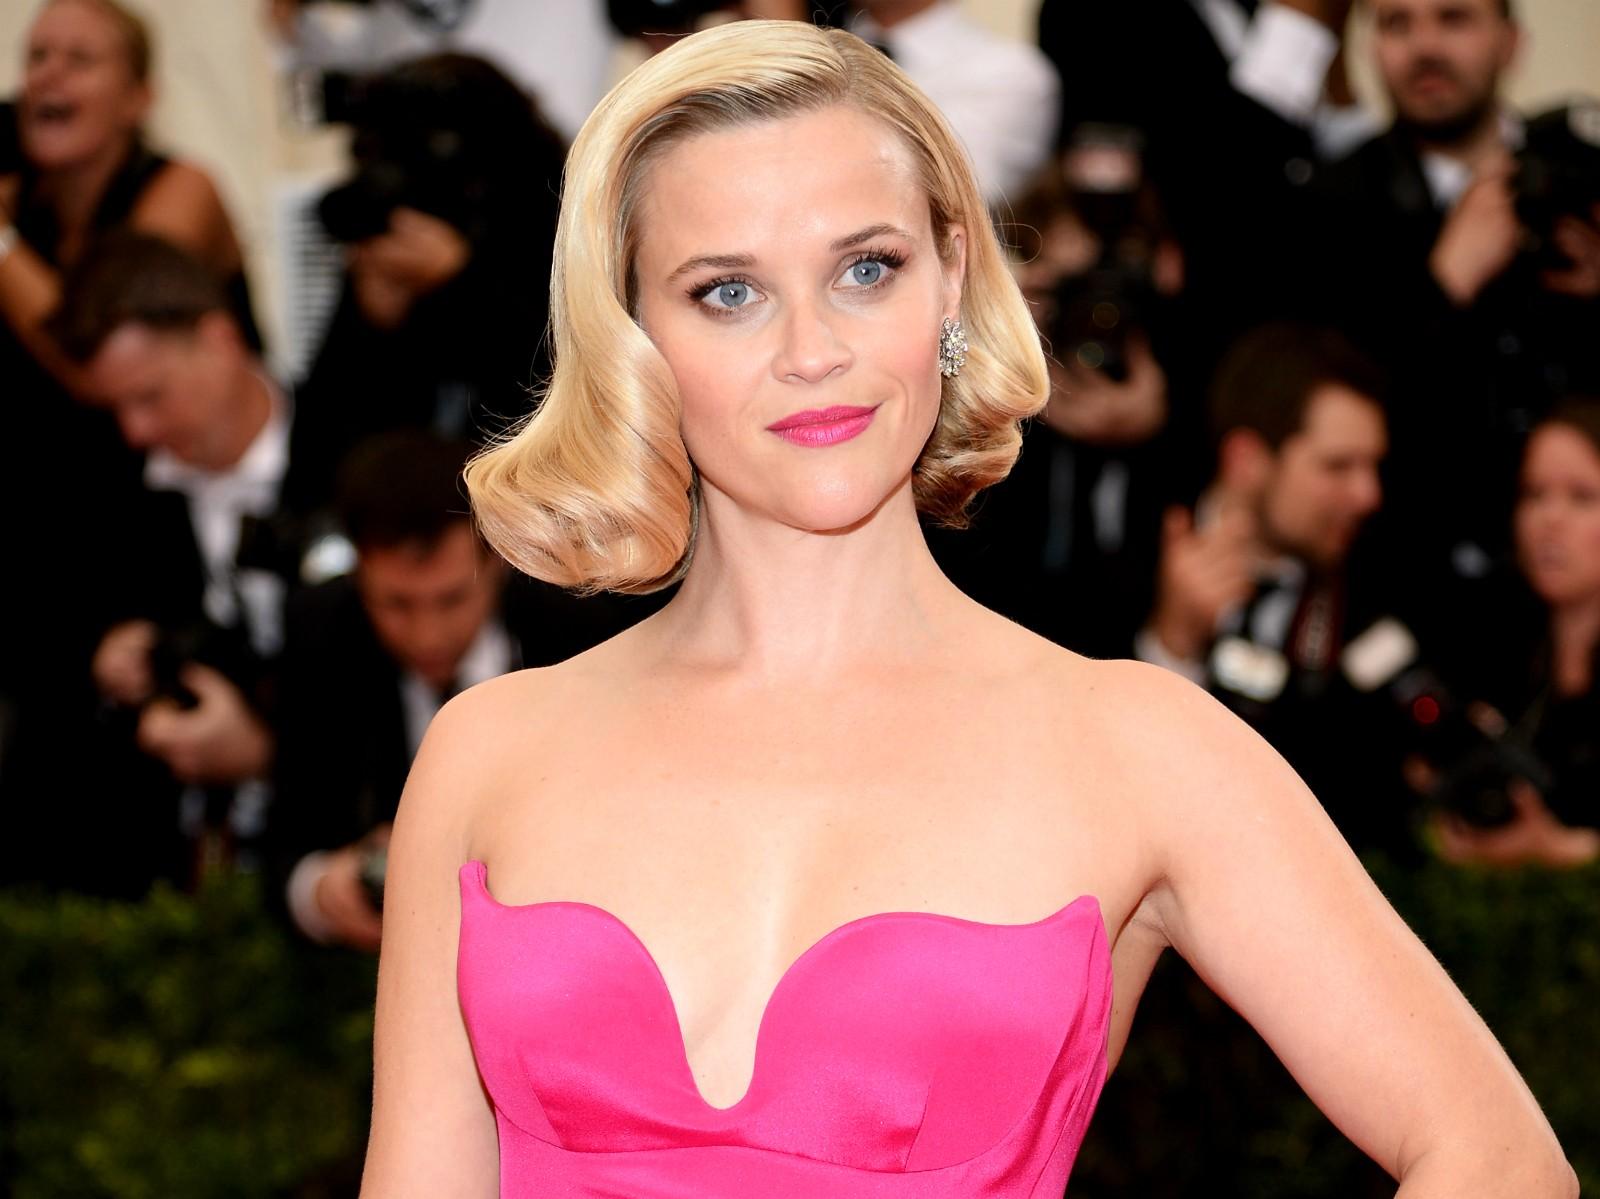 """""""Você sabe meu nome? Você está prestes a descobrir quem eu sou... Você vai parar nos jornais em rede nacional"""" — Reese Witherspoon, ao policial que a prendeu em 2013. (Foto: Getty Images)"""